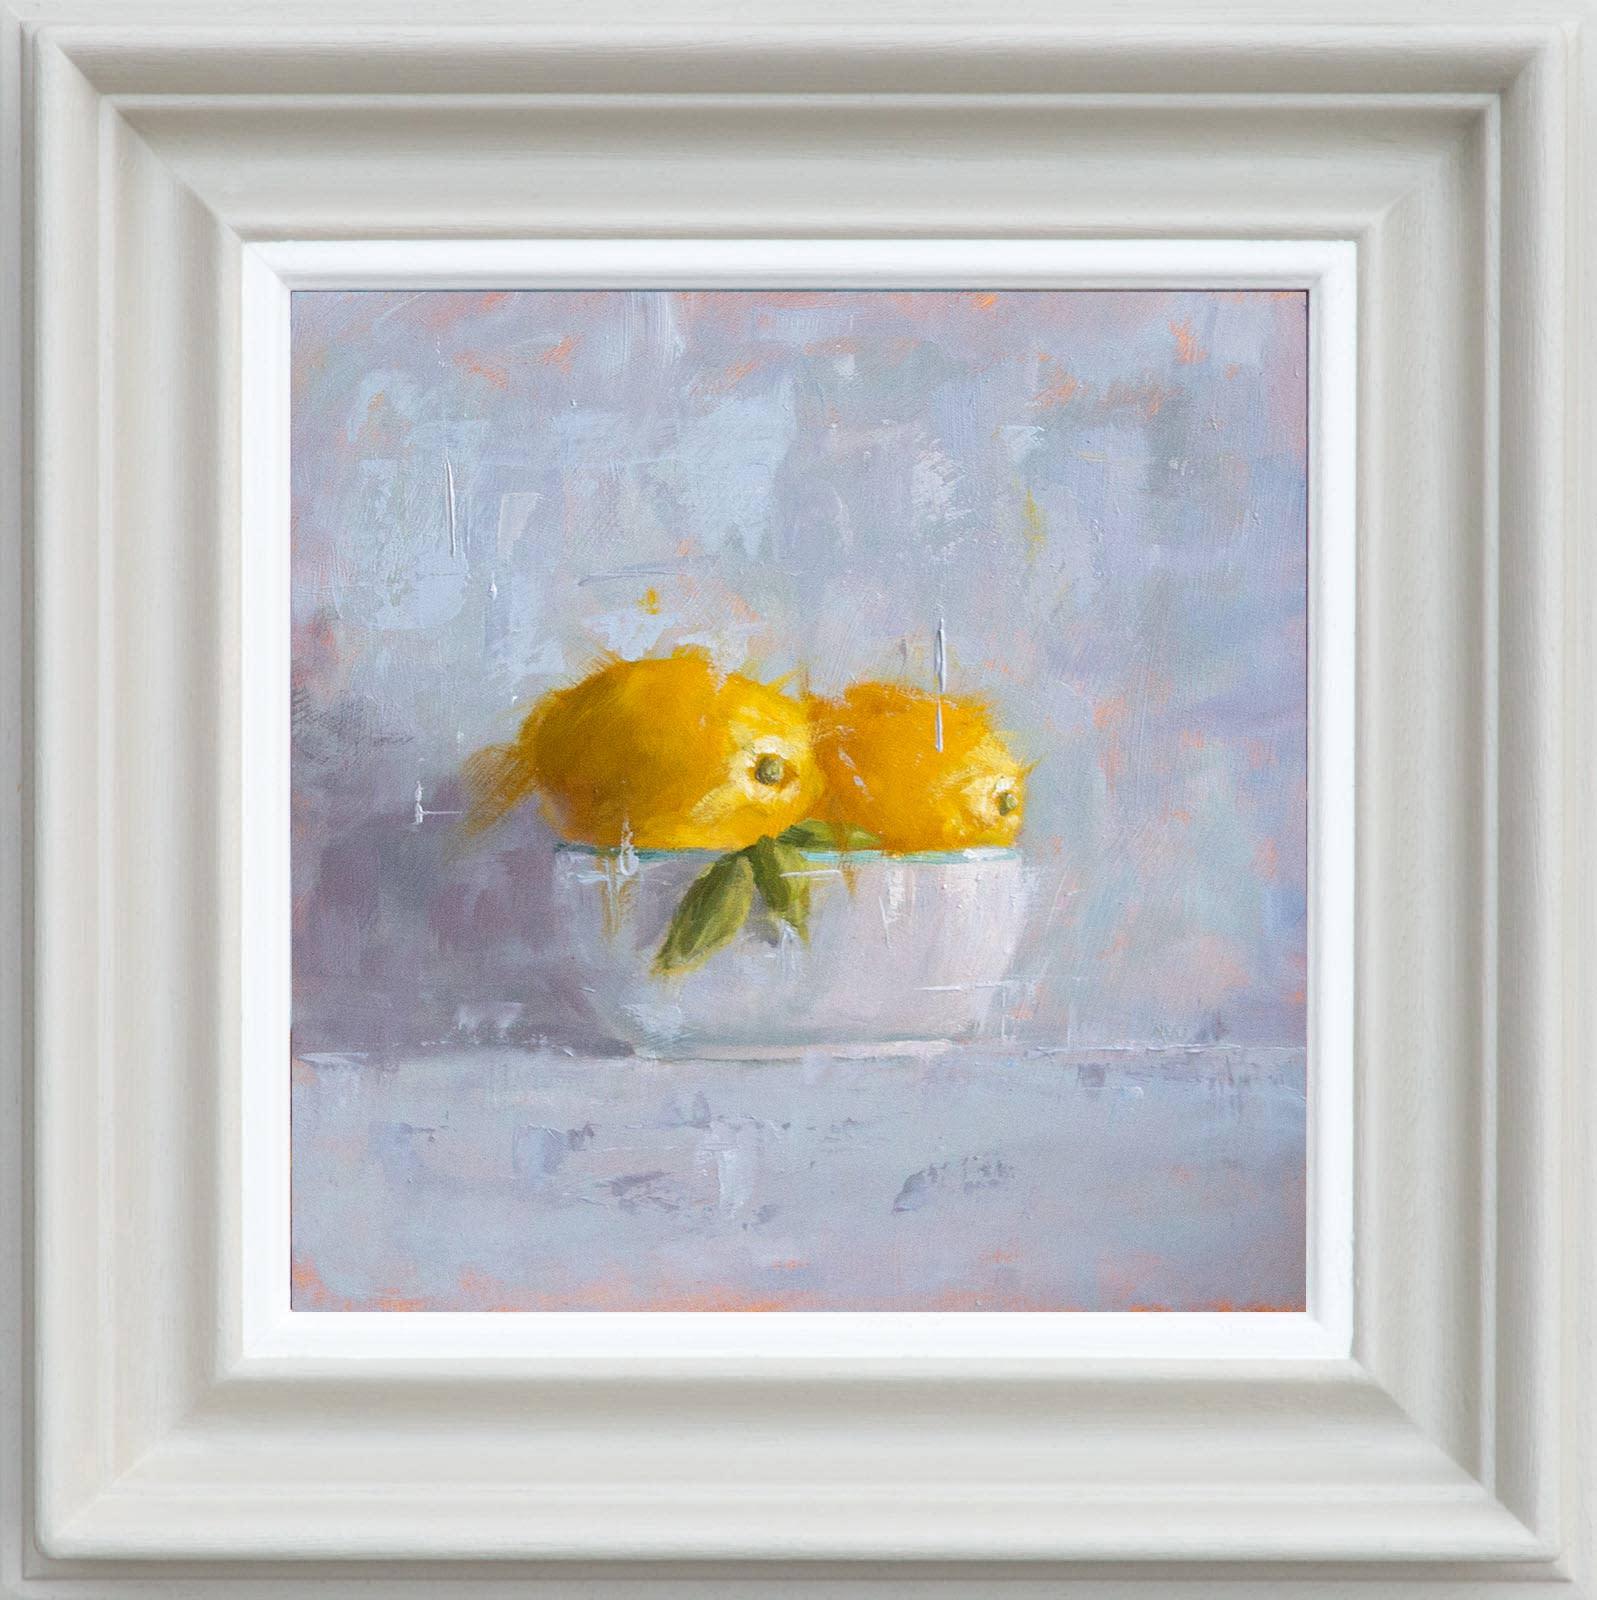 Two Lemons, Matthew Cordwell